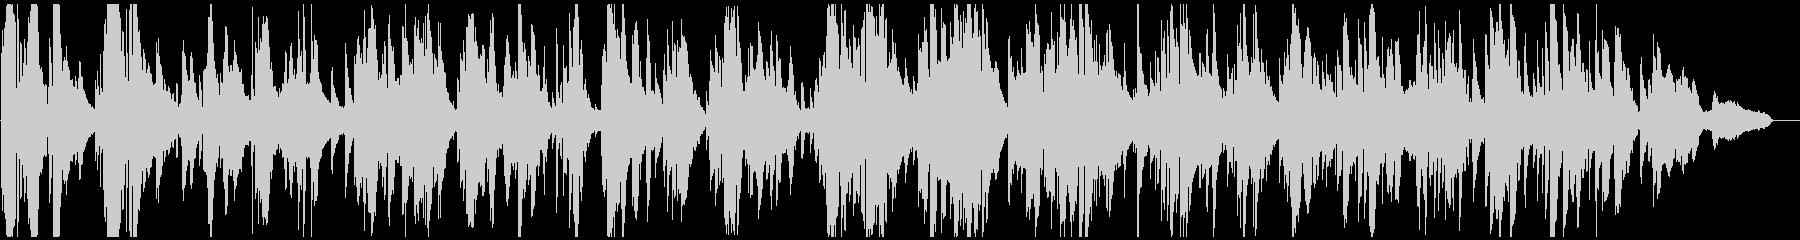 極太メロウな低音サックスのソフトジャズの未再生の波形